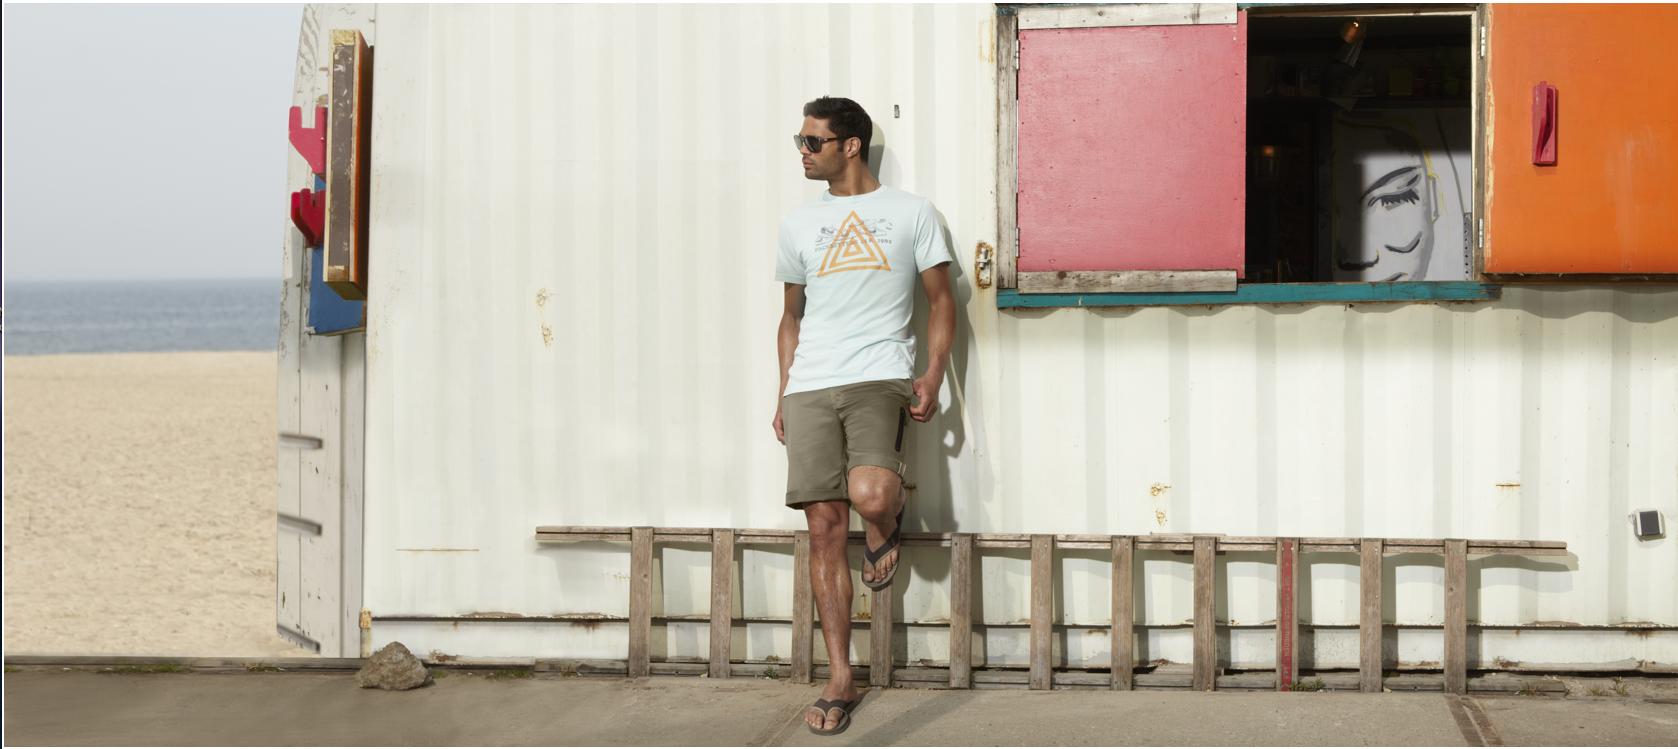 Nike Men's Sportswear Summer Looks